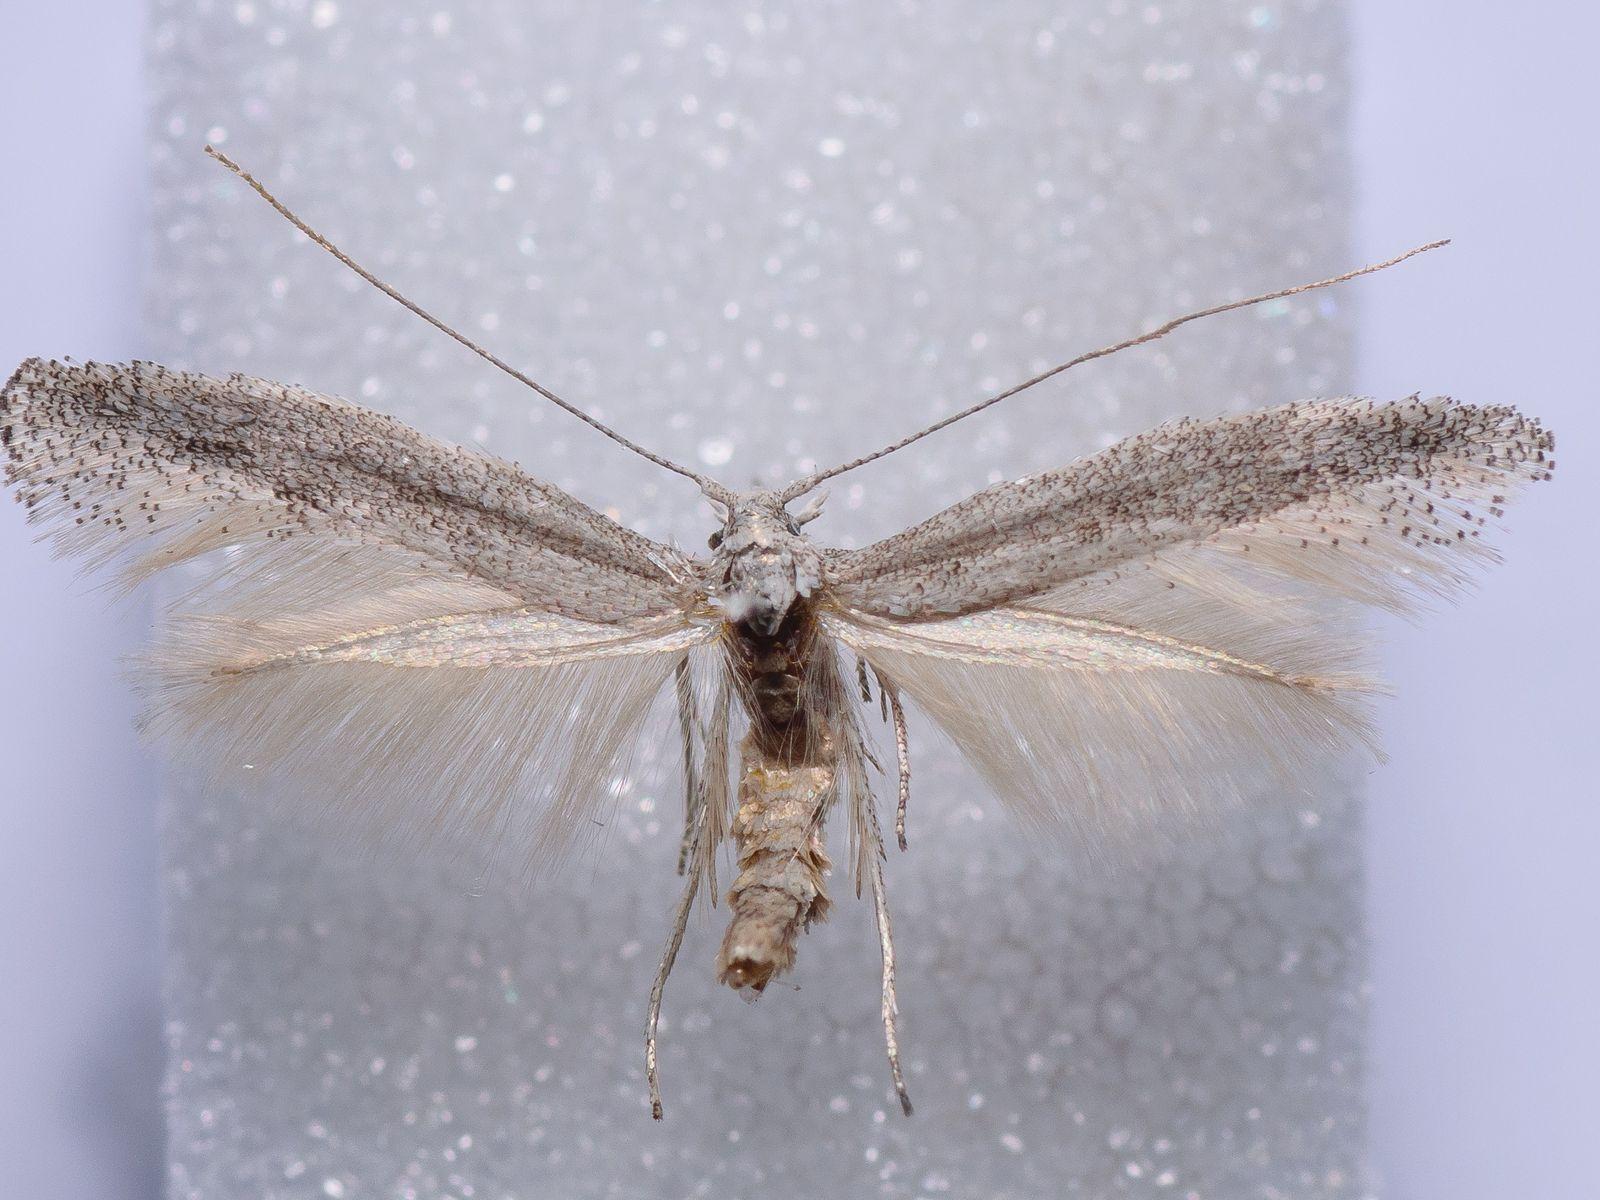 A nova espécie de borboleta nocturna, Mondeguina atlanticella.